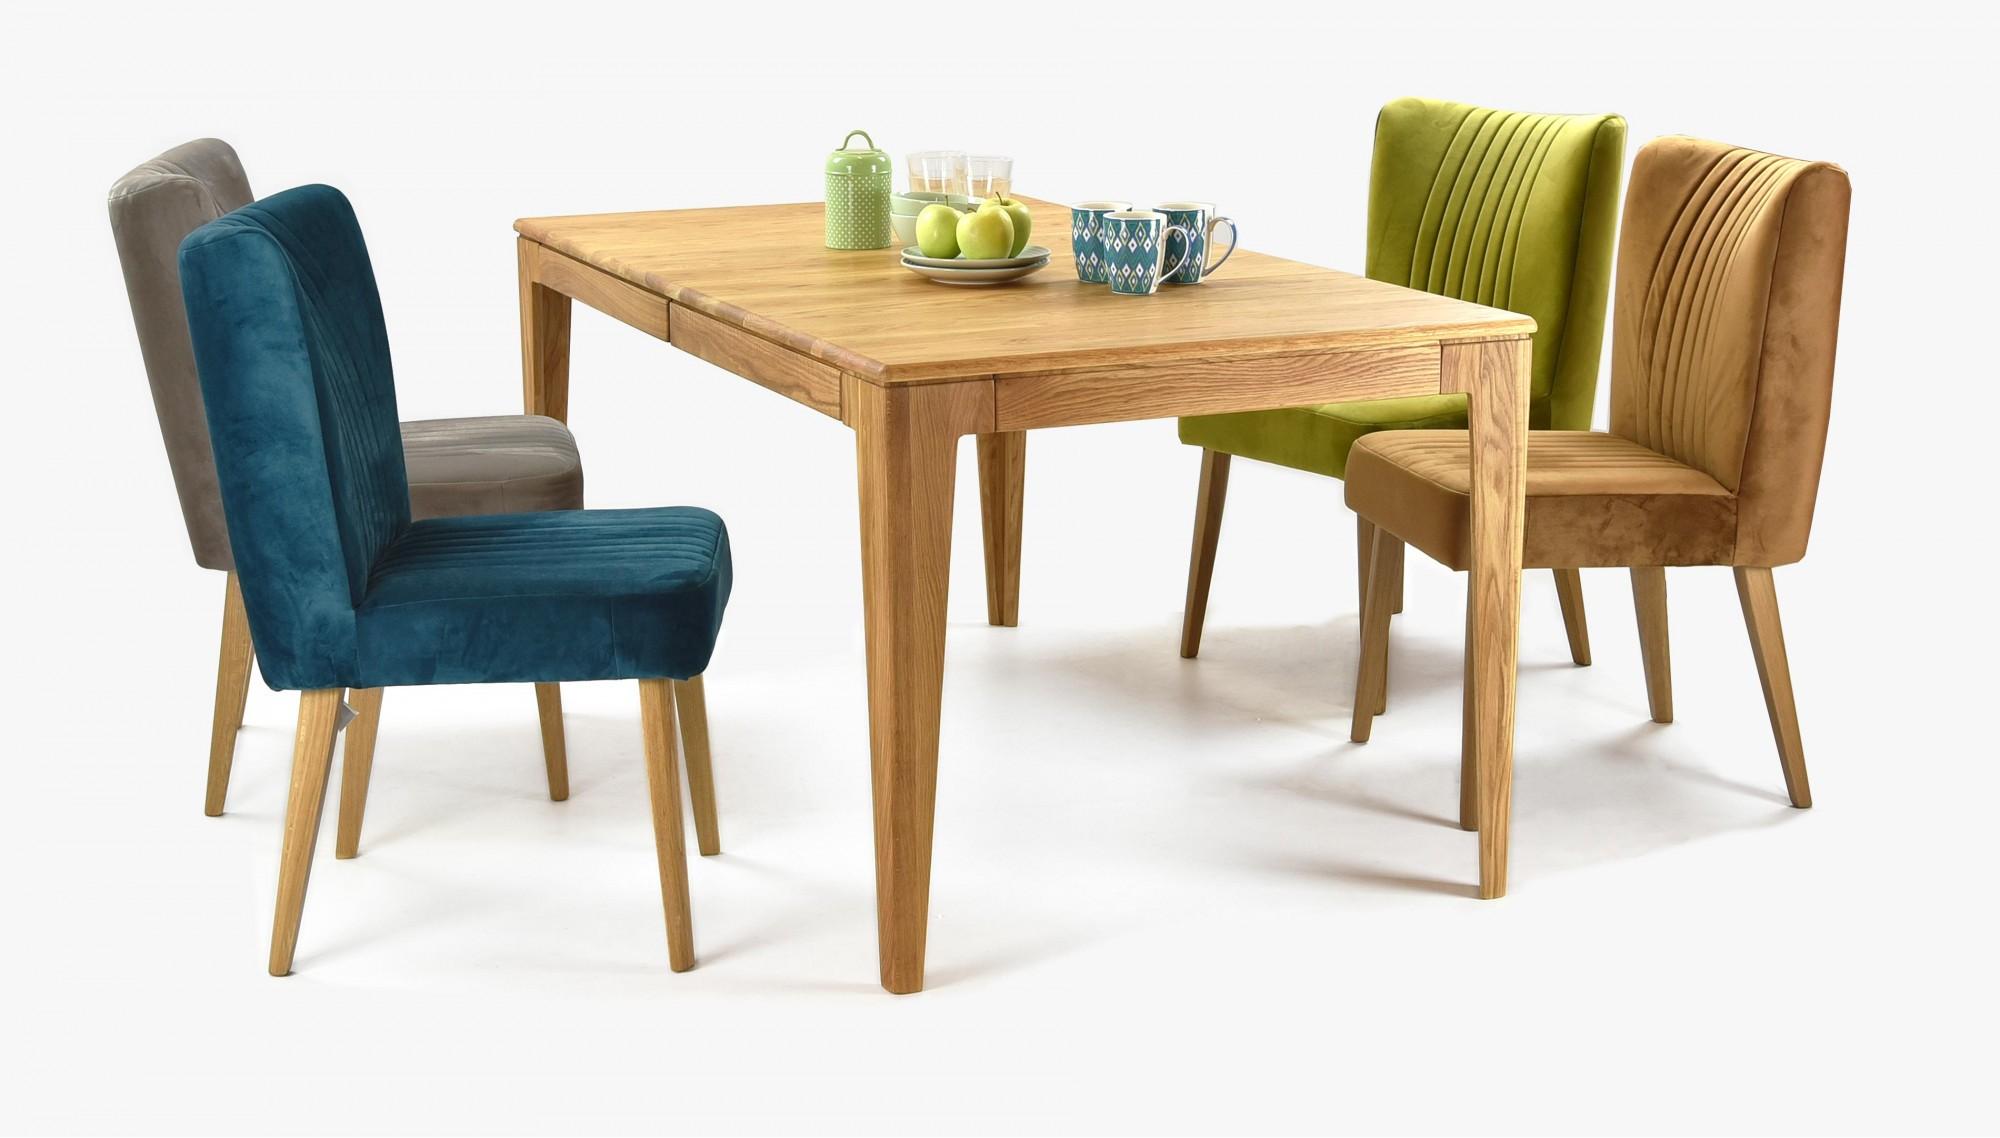 47decabbf6fe Luxusný dubový jedálenský set AVIGNOX + Stolička Ján (Rozkladací stôl) ...